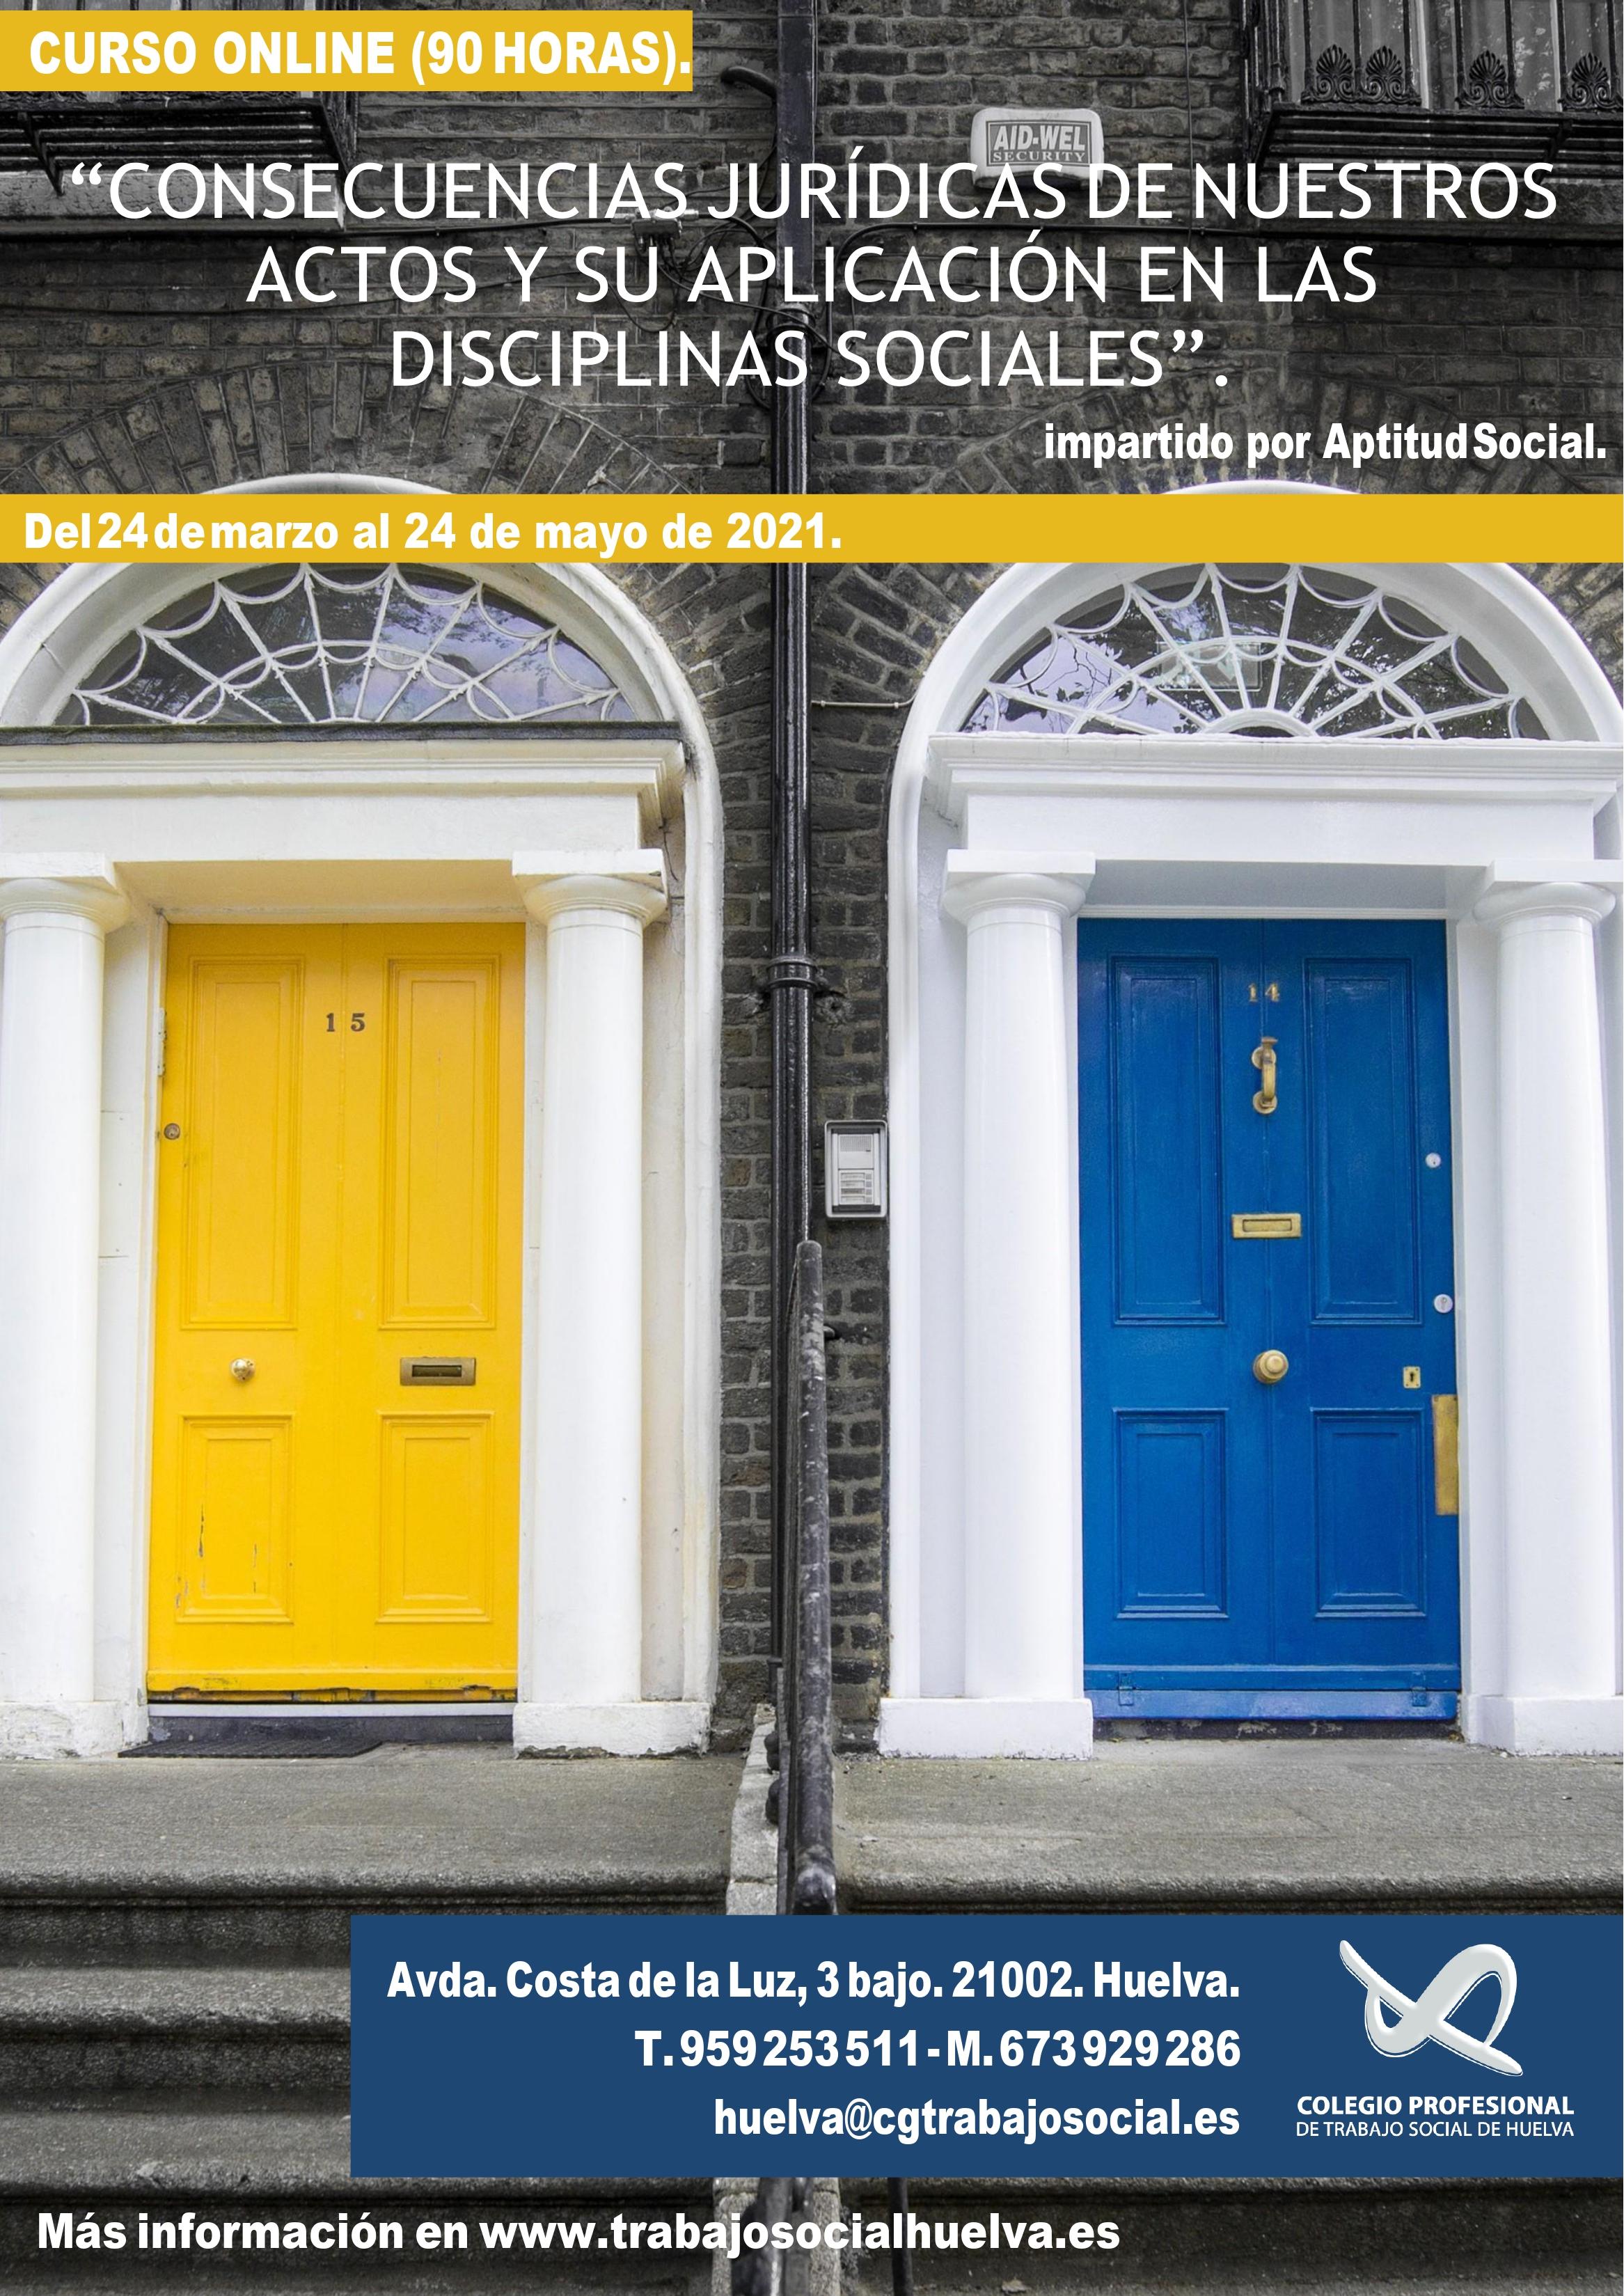 """CURSO ONLINE: """"CONSECUENCIAS JURÍDICAS DE NUESTROS ACTOS Y SU APLICACIÓN A LAS DISCIPLINAS SOCIALES""""."""